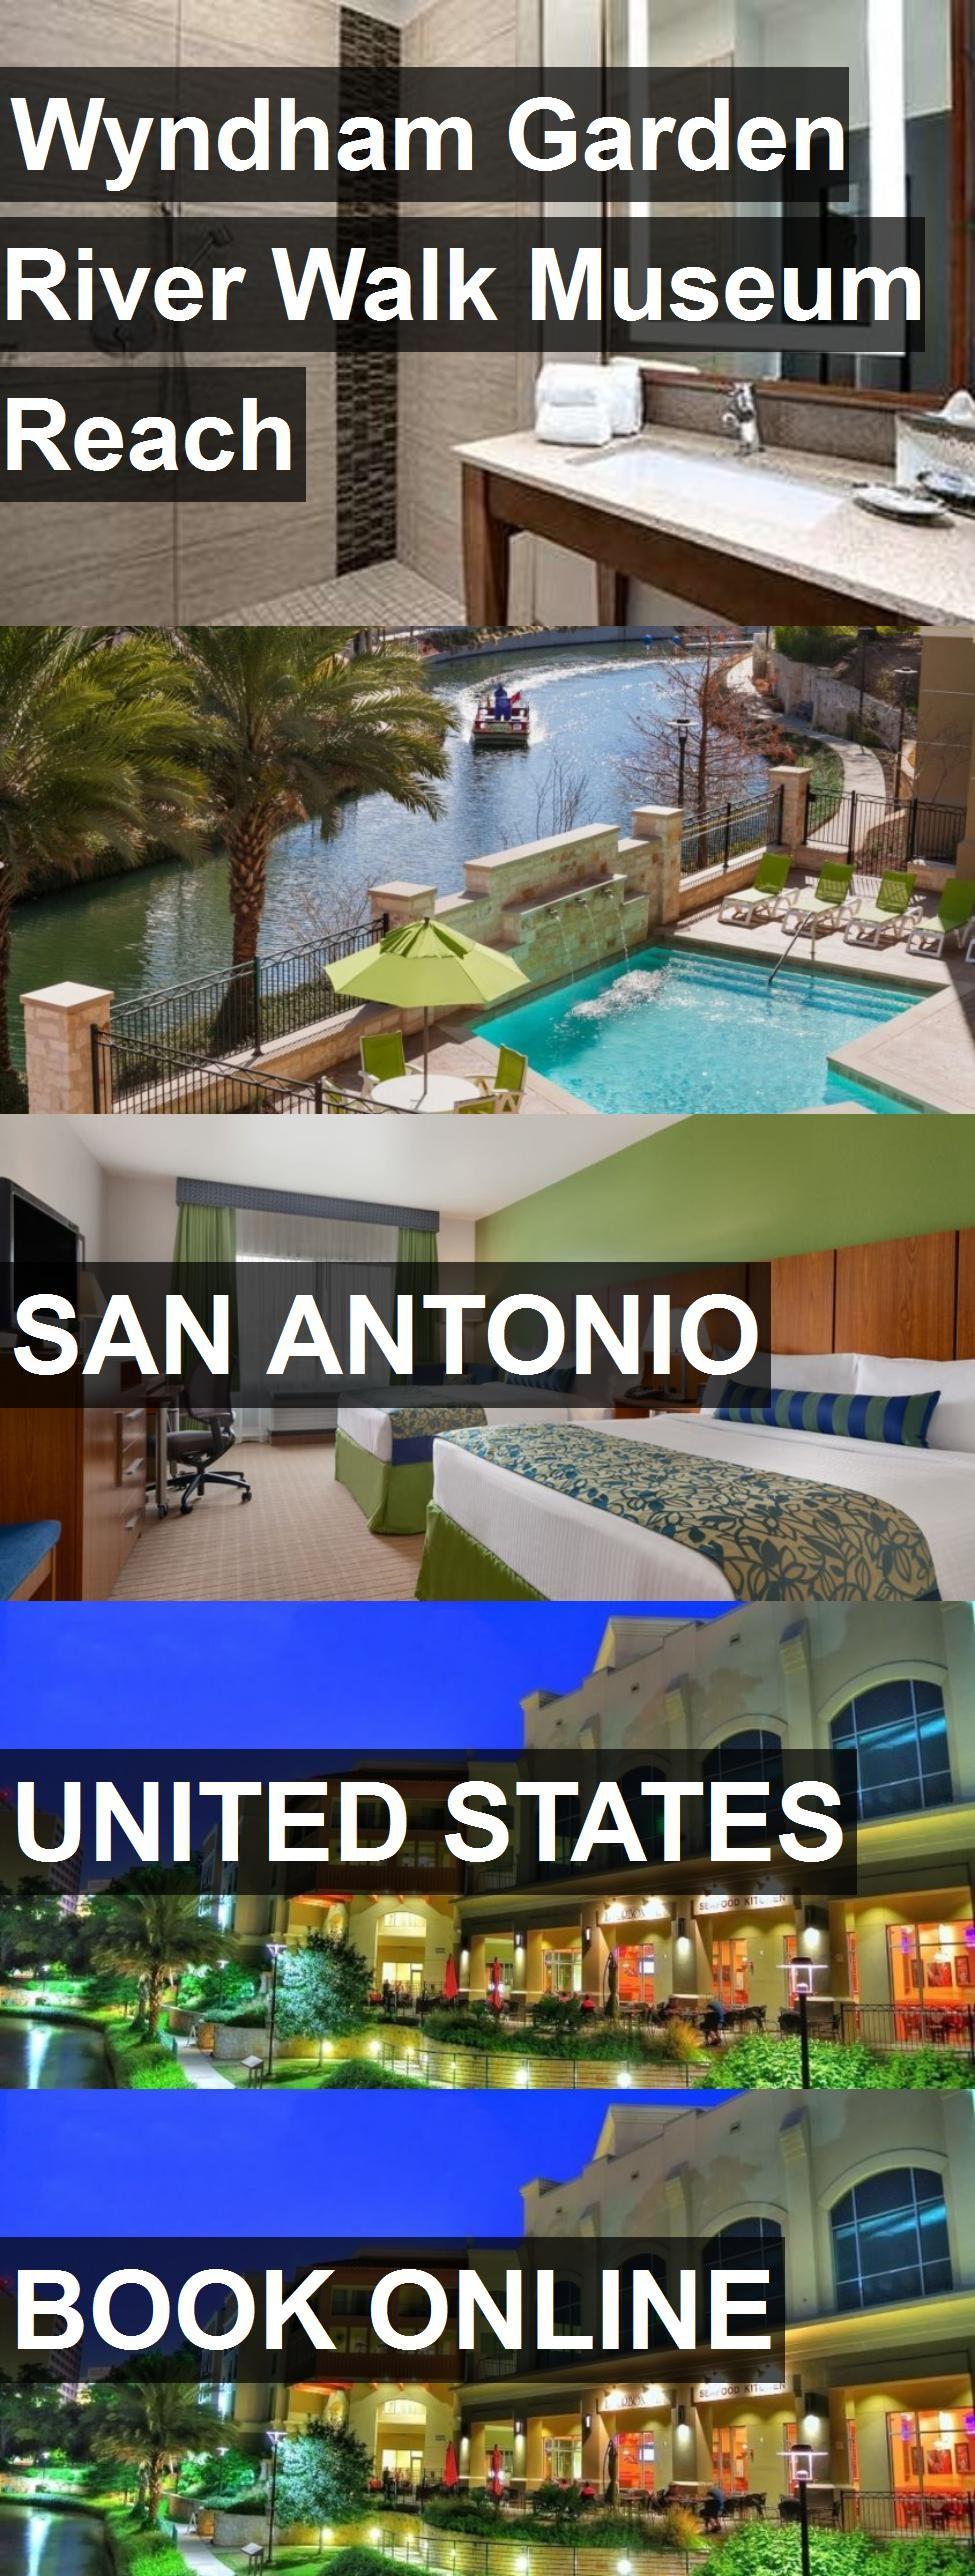 Hotel Wyndham Garden River Walk Museum Reach In San Antonio, United States.  For More